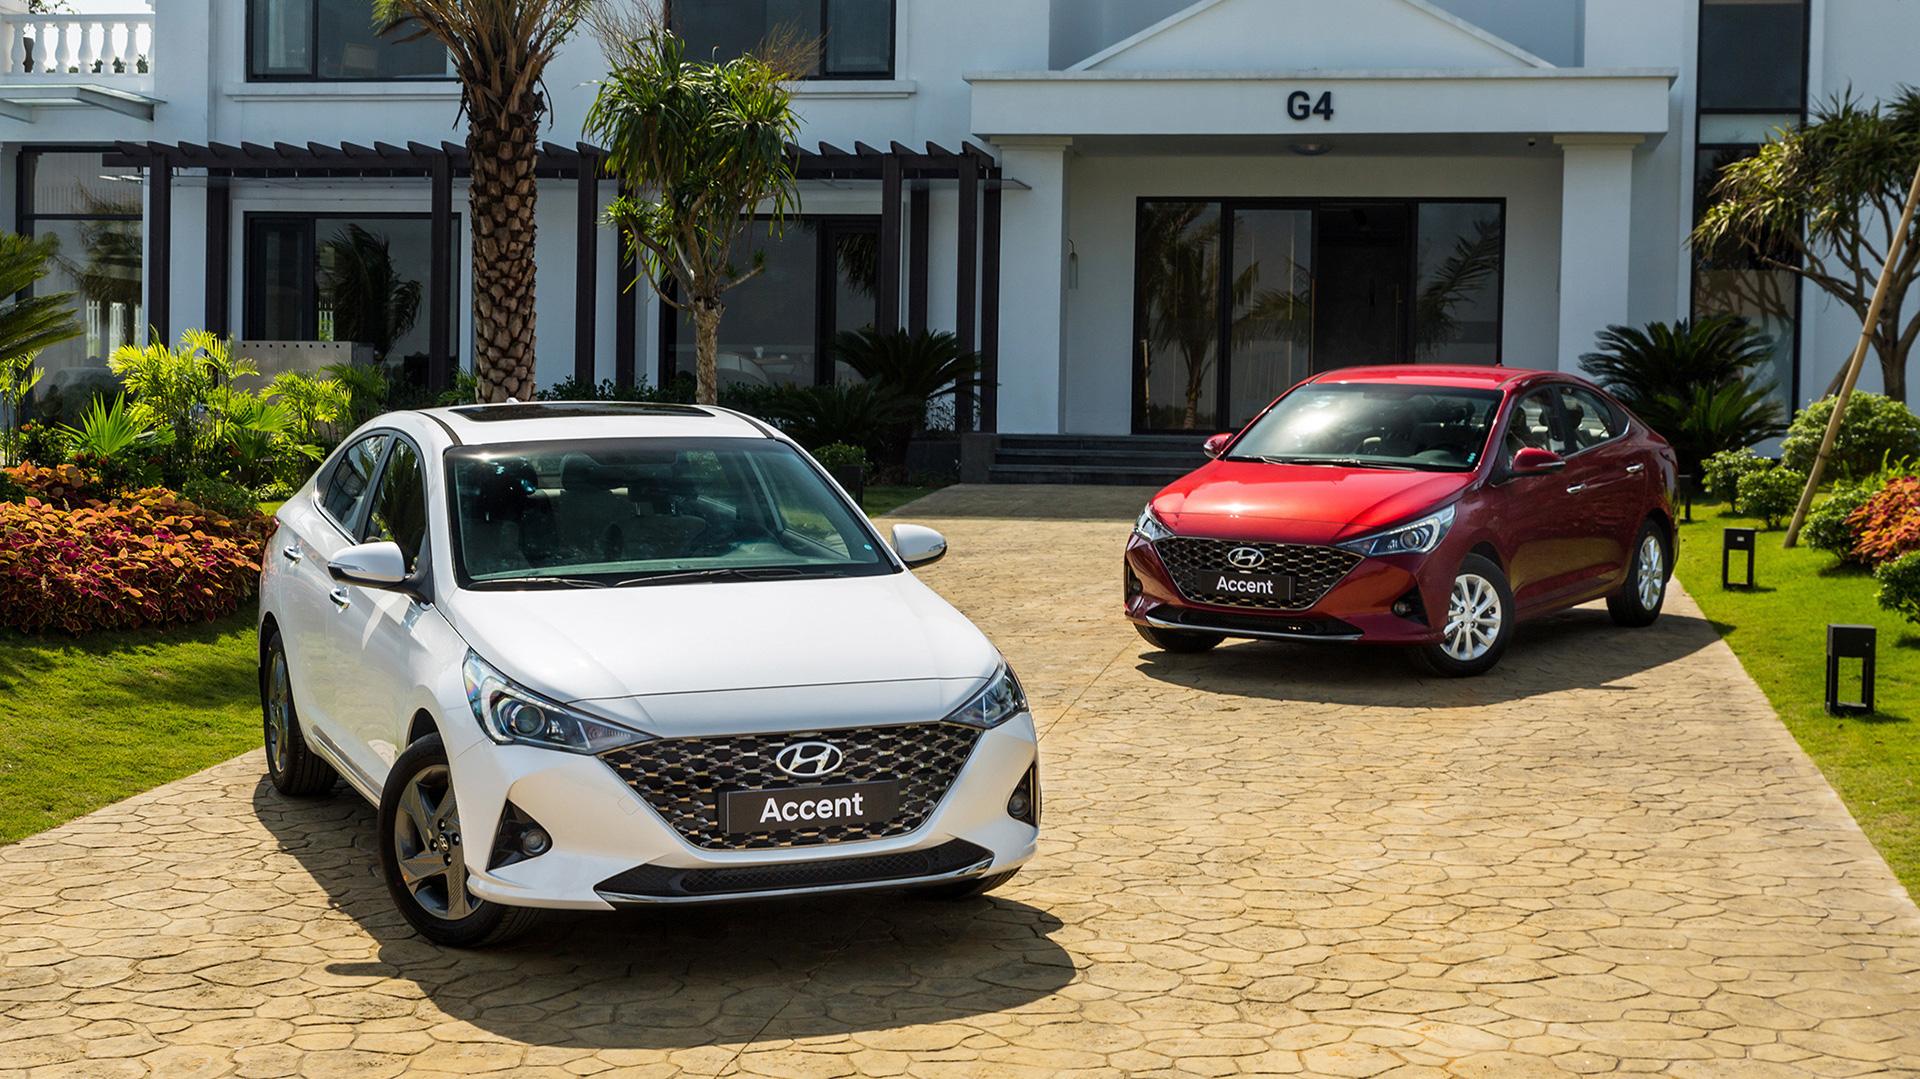 Hyundai Accent 2021 ra mắt Việt Nam, giá từ 426 triệu đồng - Nhịp sống kinh tế Việt Nam & Thế giới